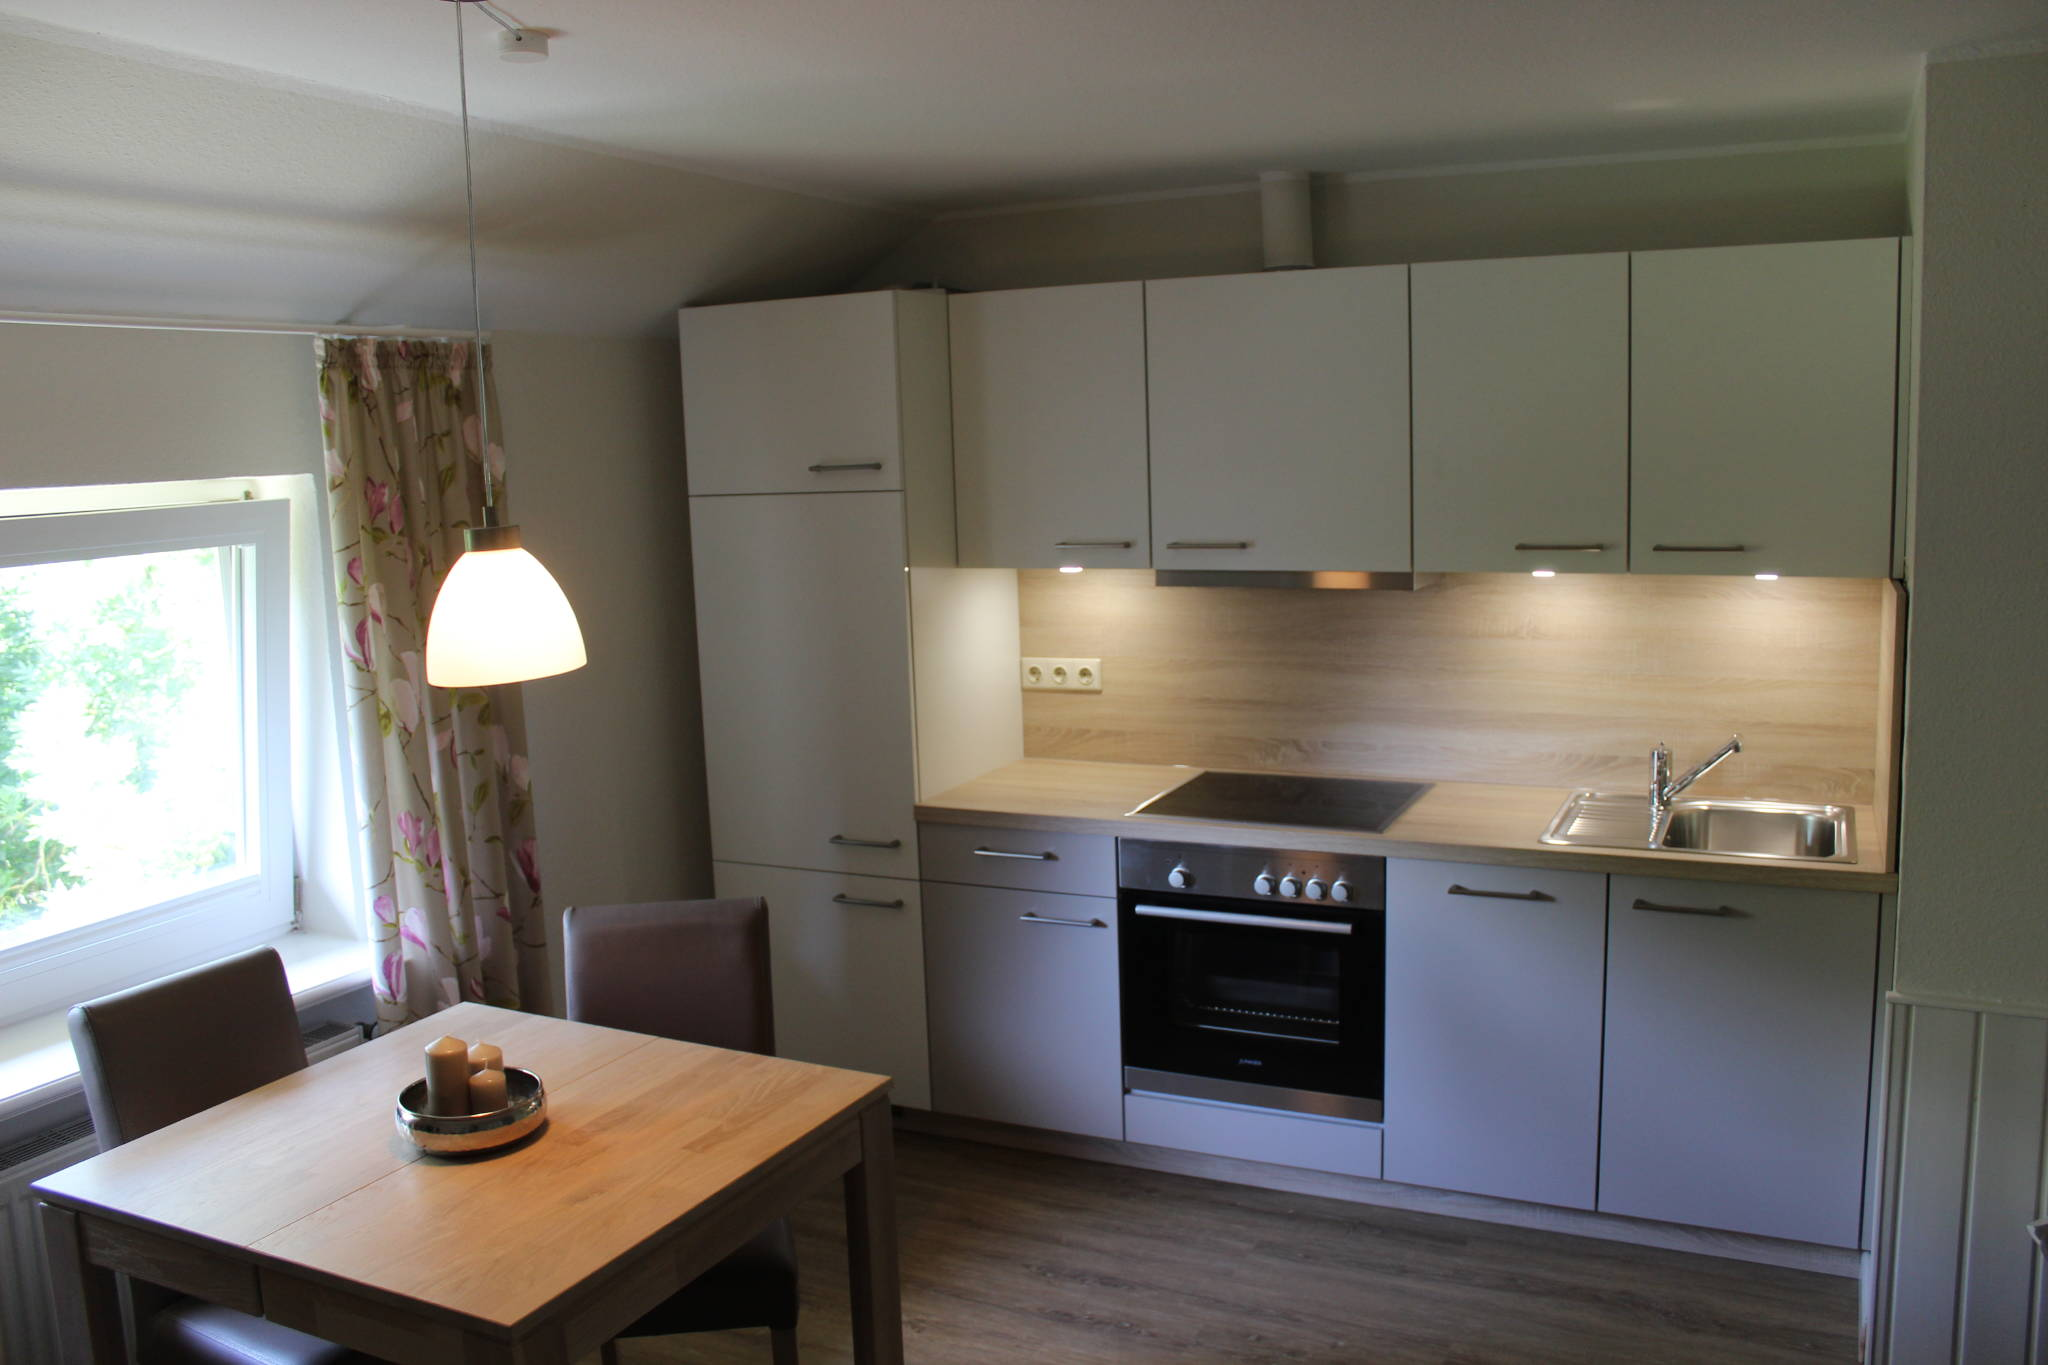 Einblick in die Wohnküche